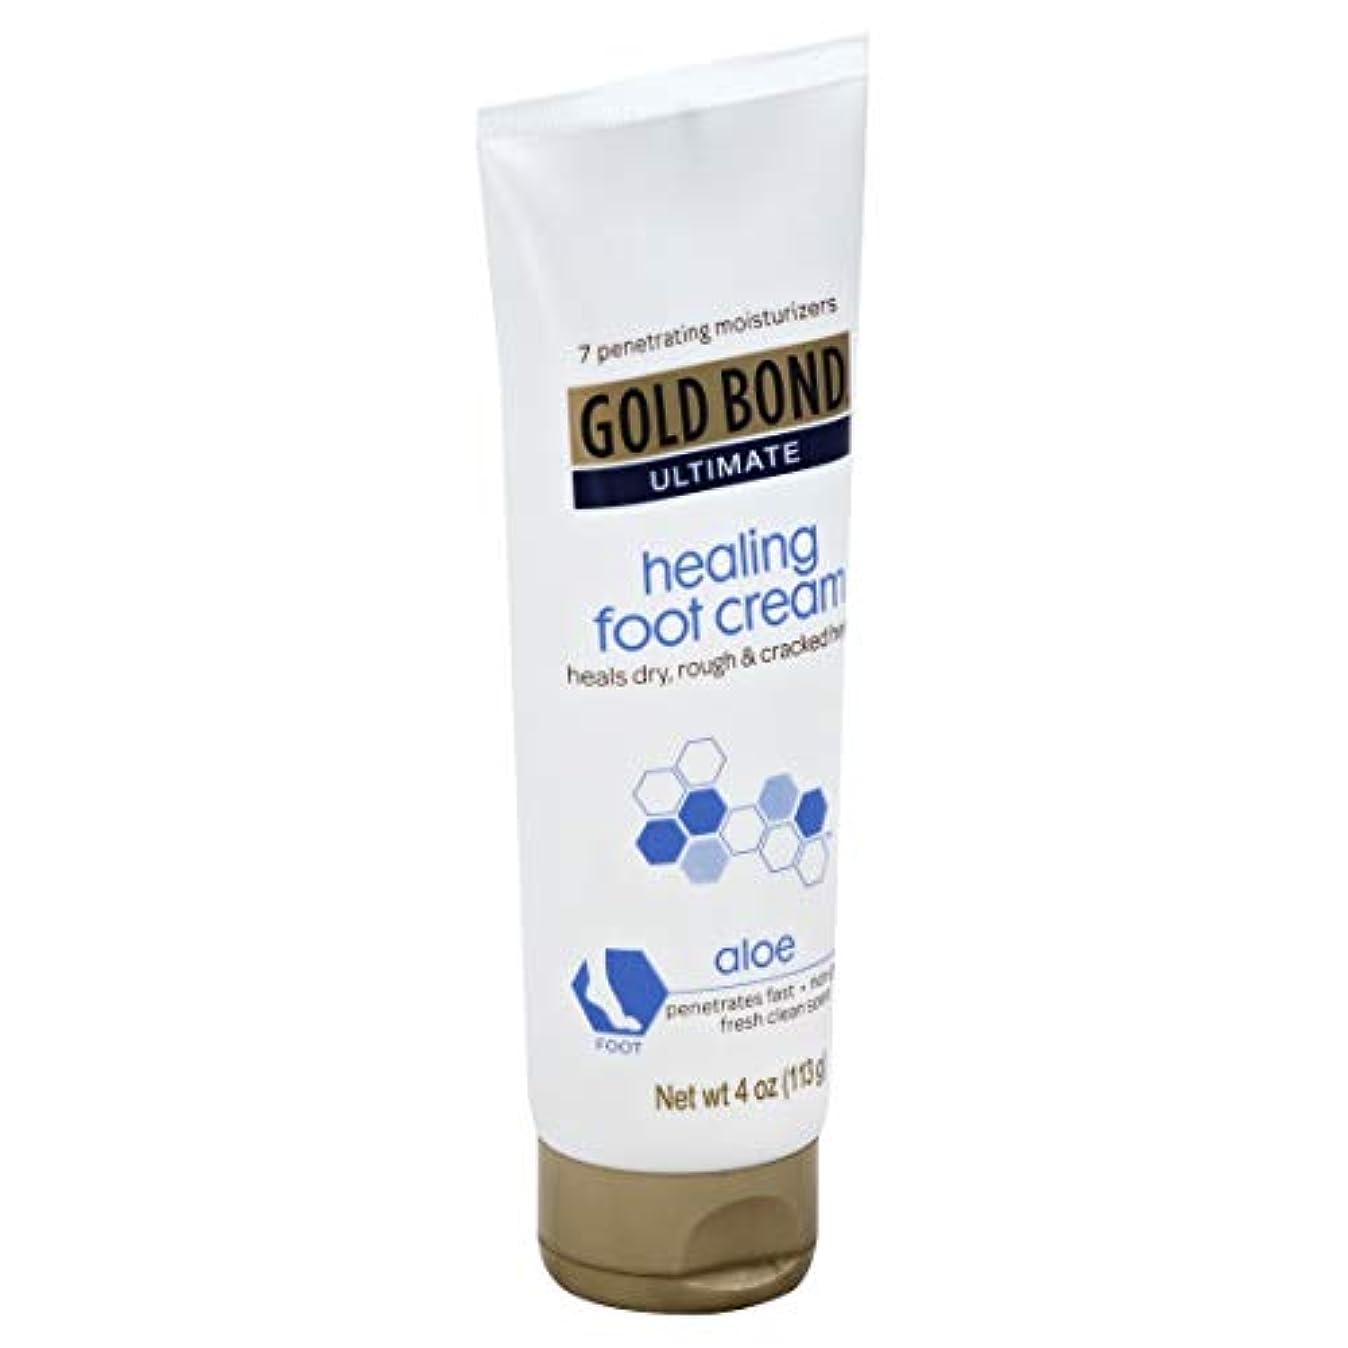 黄ばむ段階アートGold Bond Healing Foot Therapy Cream 120 ml (並行輸入品)